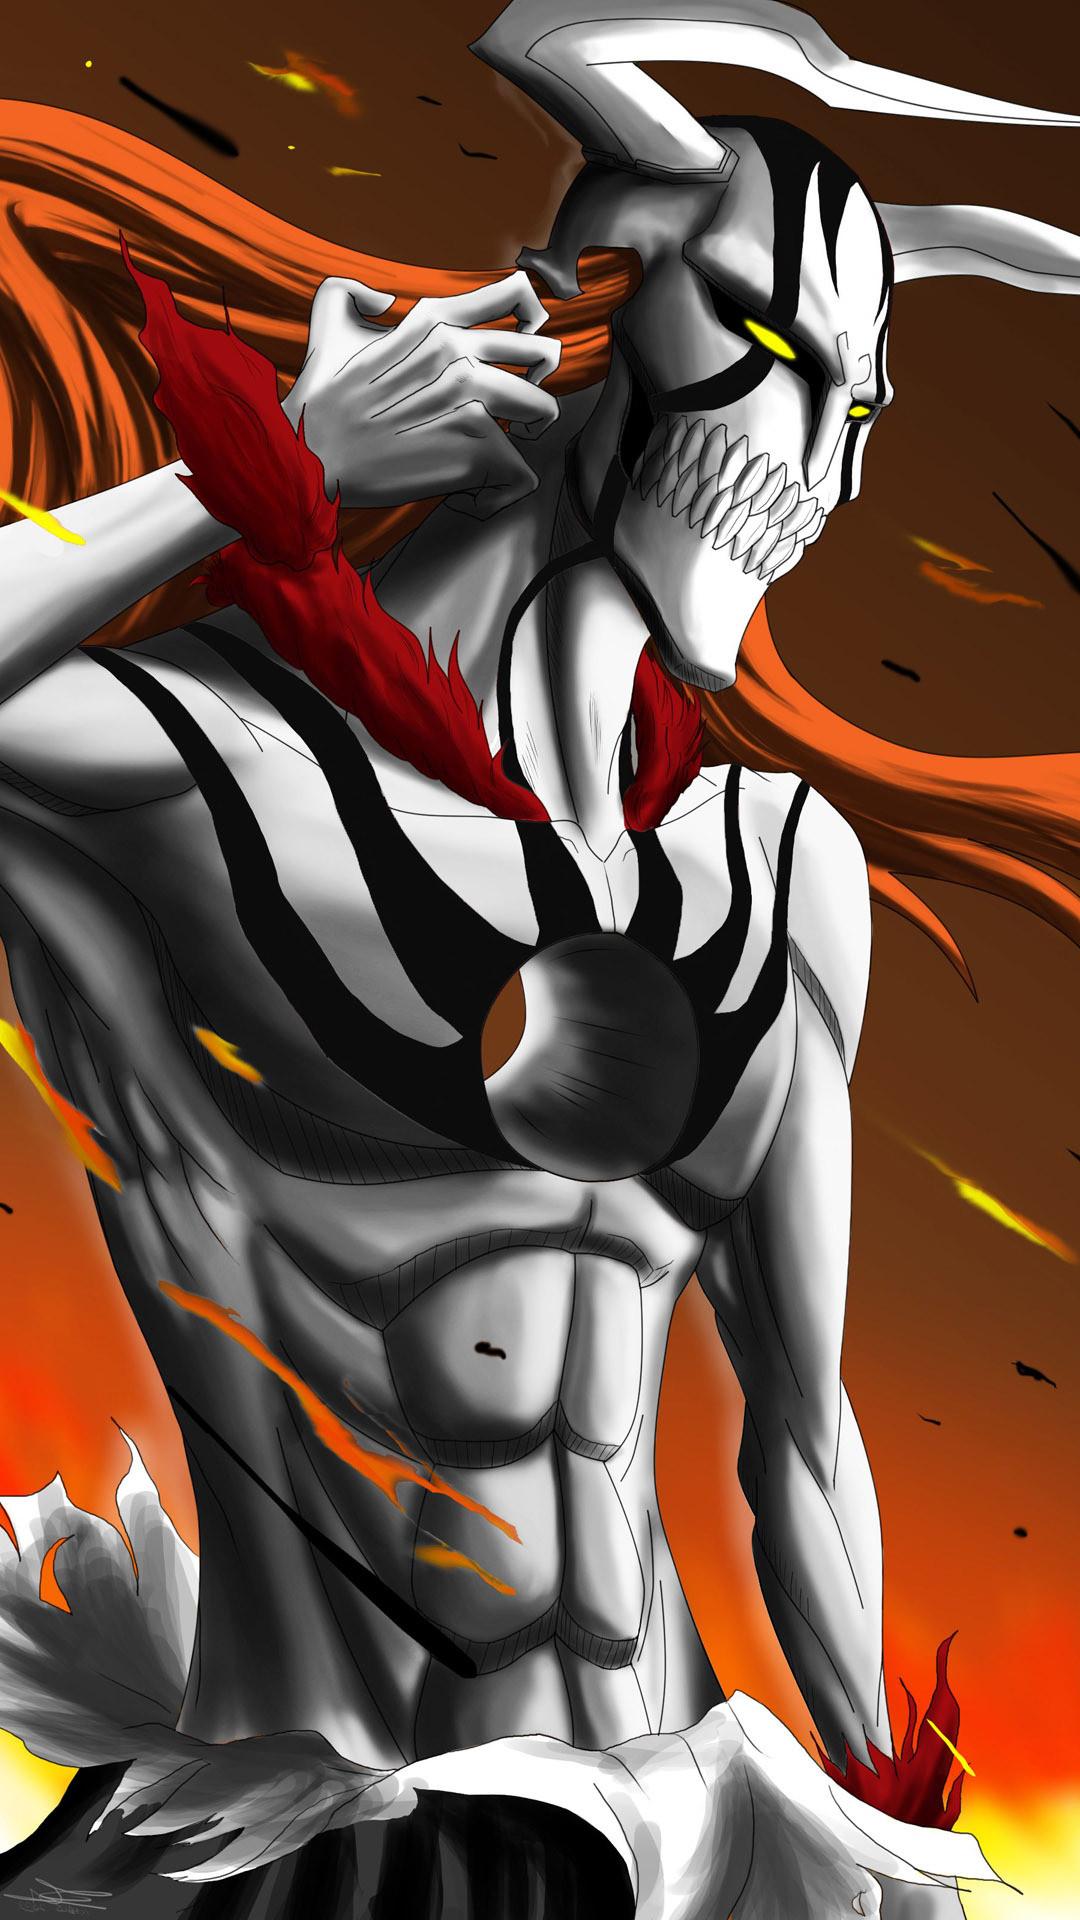 Bleach hentai ichigo vs nozomi - 4 3